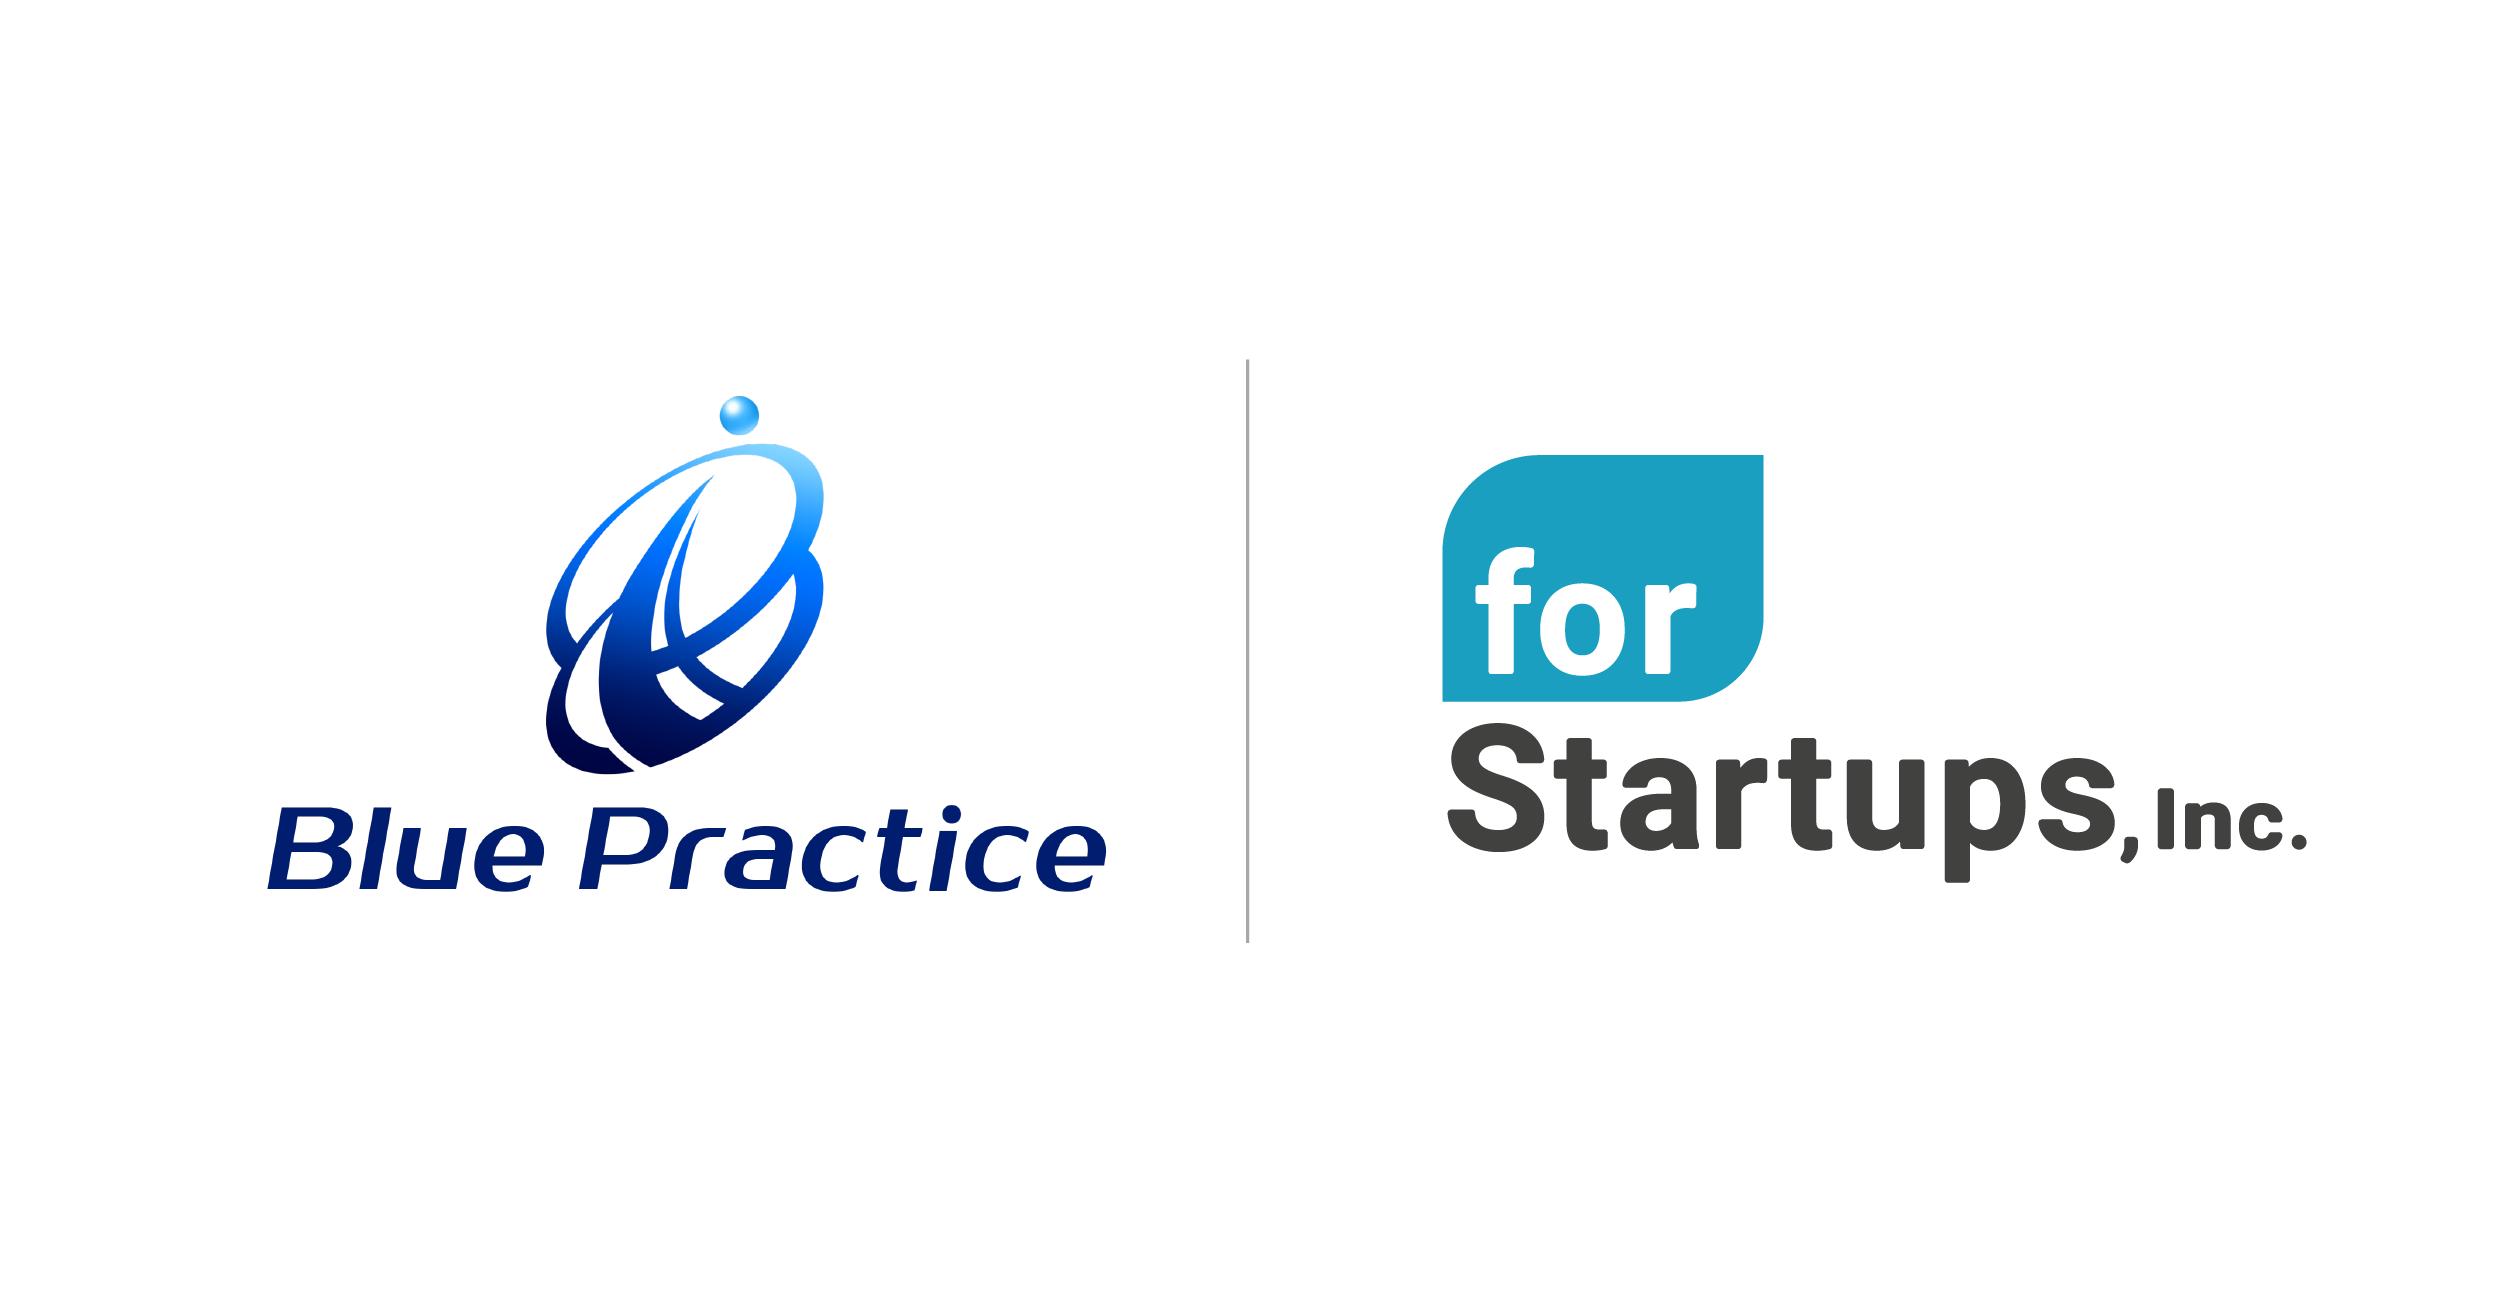 フォースタートアップス、東北大学発の医療スタートアップ「Blue Practice」起業支援